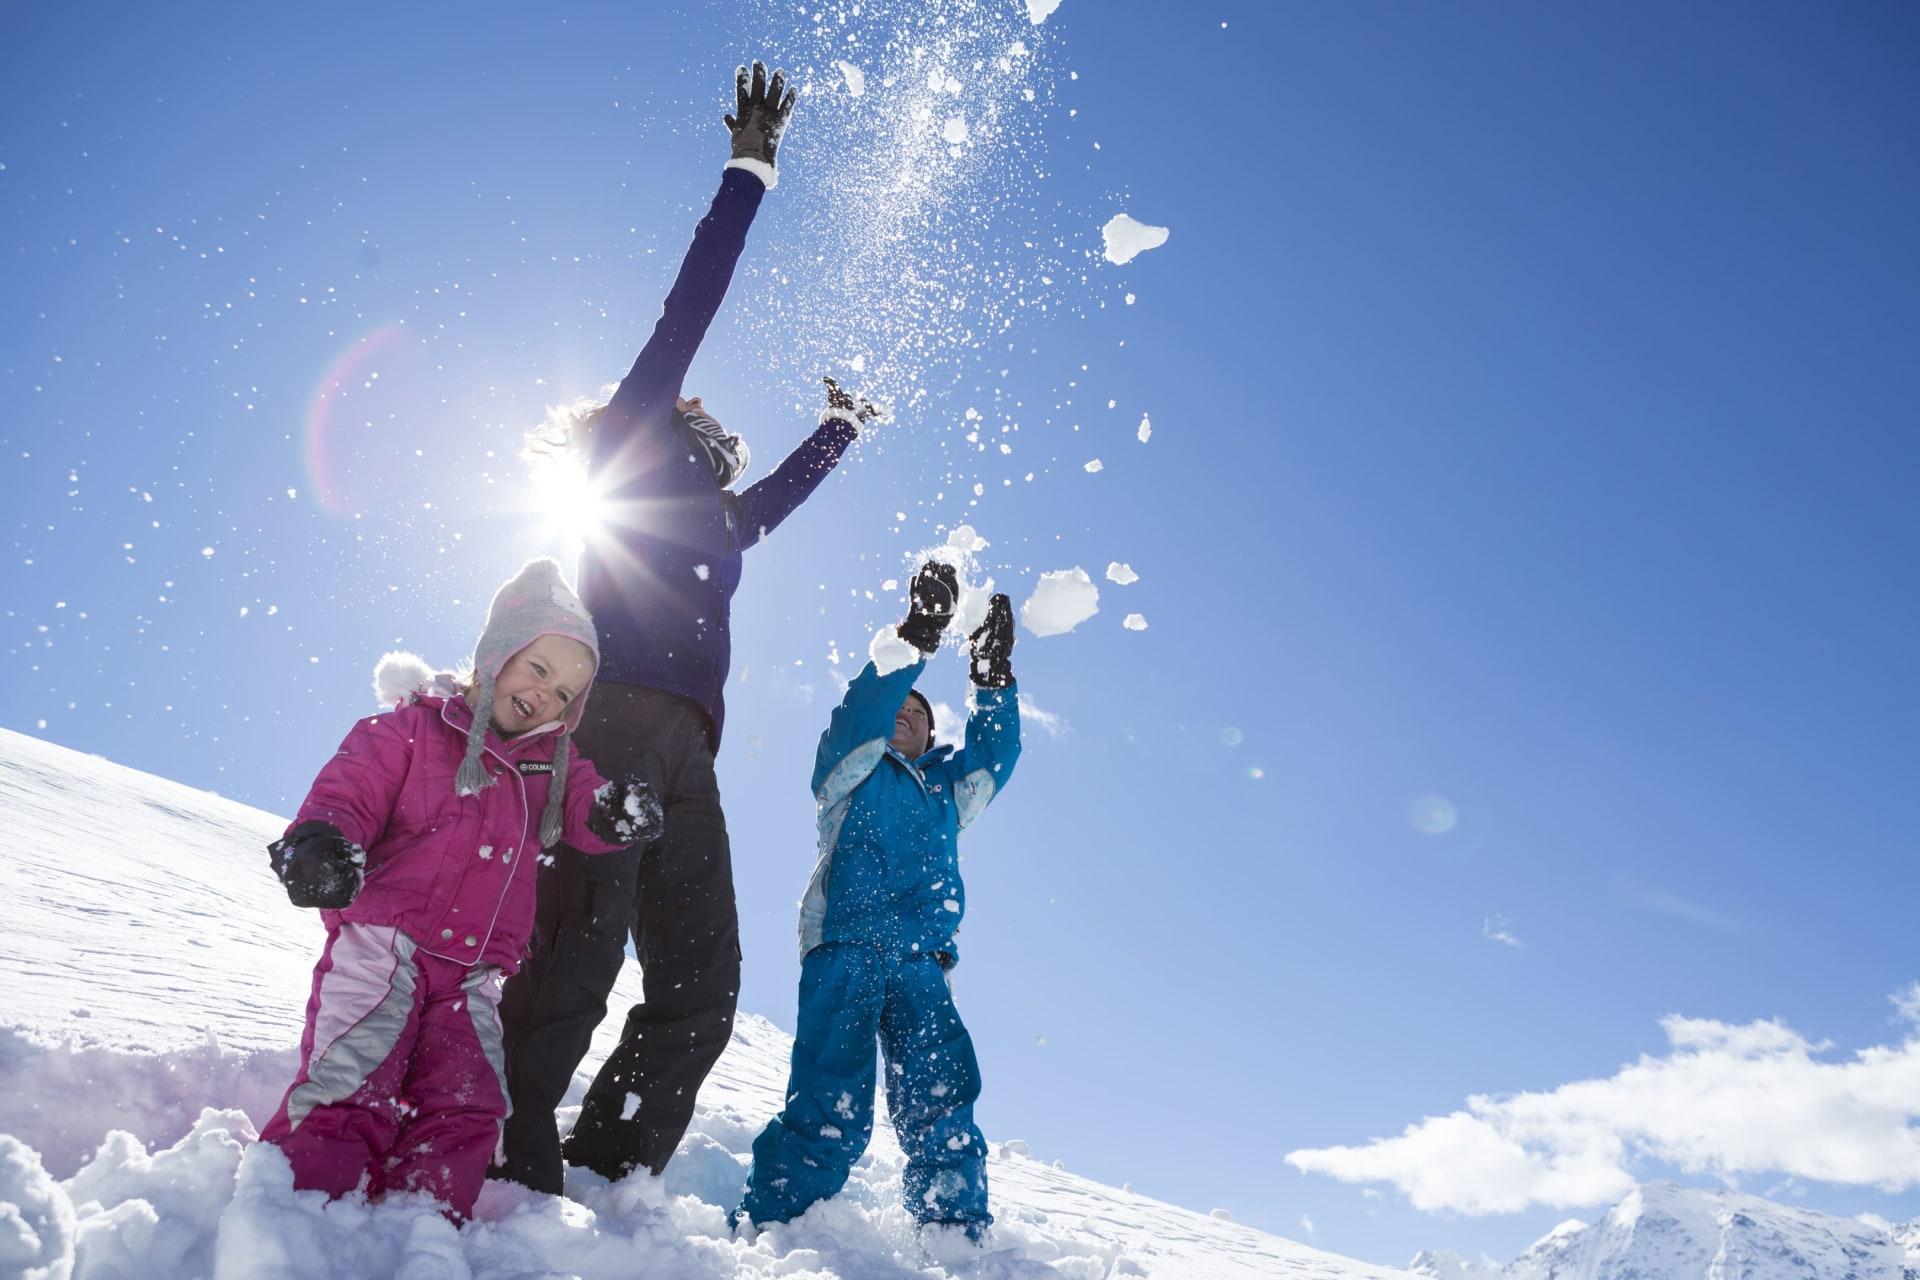 Schnee, Schnee, Schnee und viel, viel Sonne